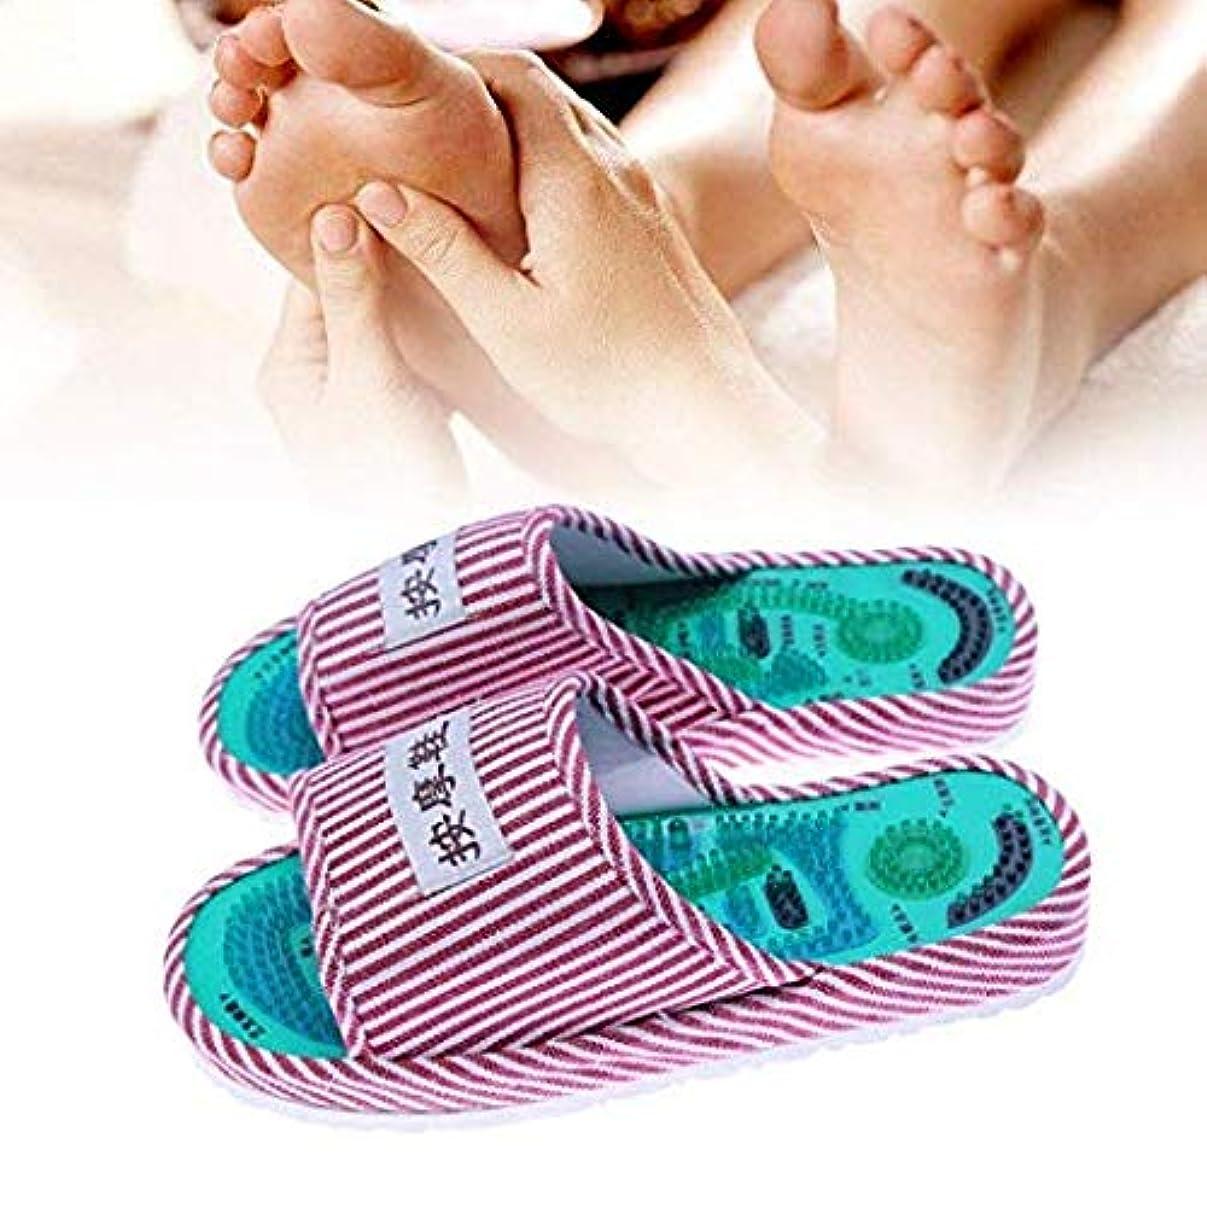 優雅なヒゲ家事をする1ペアアキュポイントマッサージスリッパ縞模様リフレクソロジーフットプロモーション血液循環リラクゼーションコットンフットケアシューズ 1 Pair Acupoint Massage Slipper Striped Pattern Reflexology Foot Promote Blood Circulation Relaxation Cotton Foot Care Shoes (青 白/blue white)